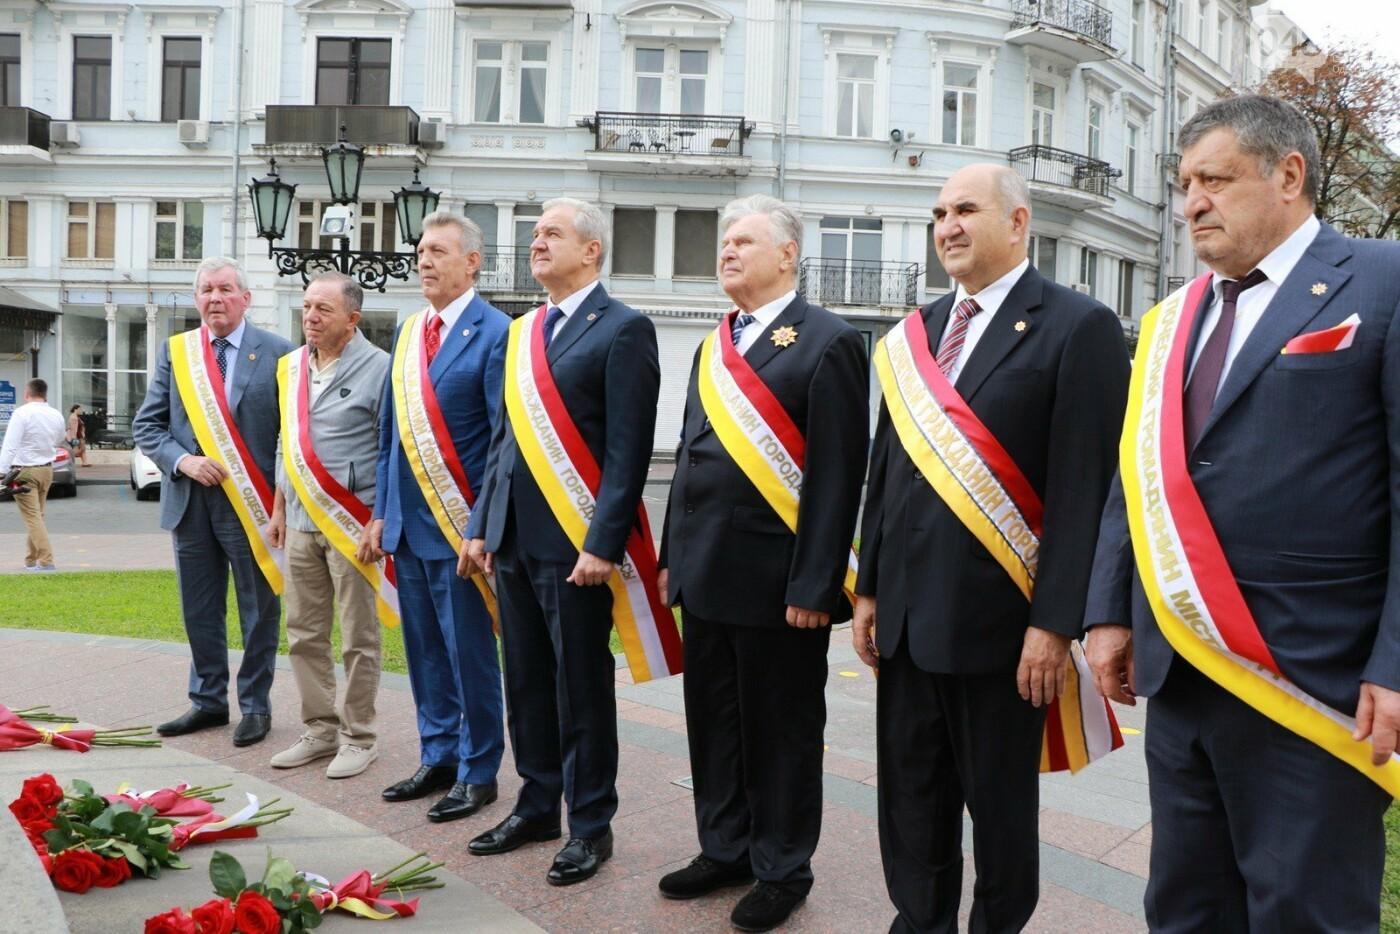 День Одессы 2021: почетные граждане возложили розы к памятнику Екатерине II,- ФОТО, фото-2